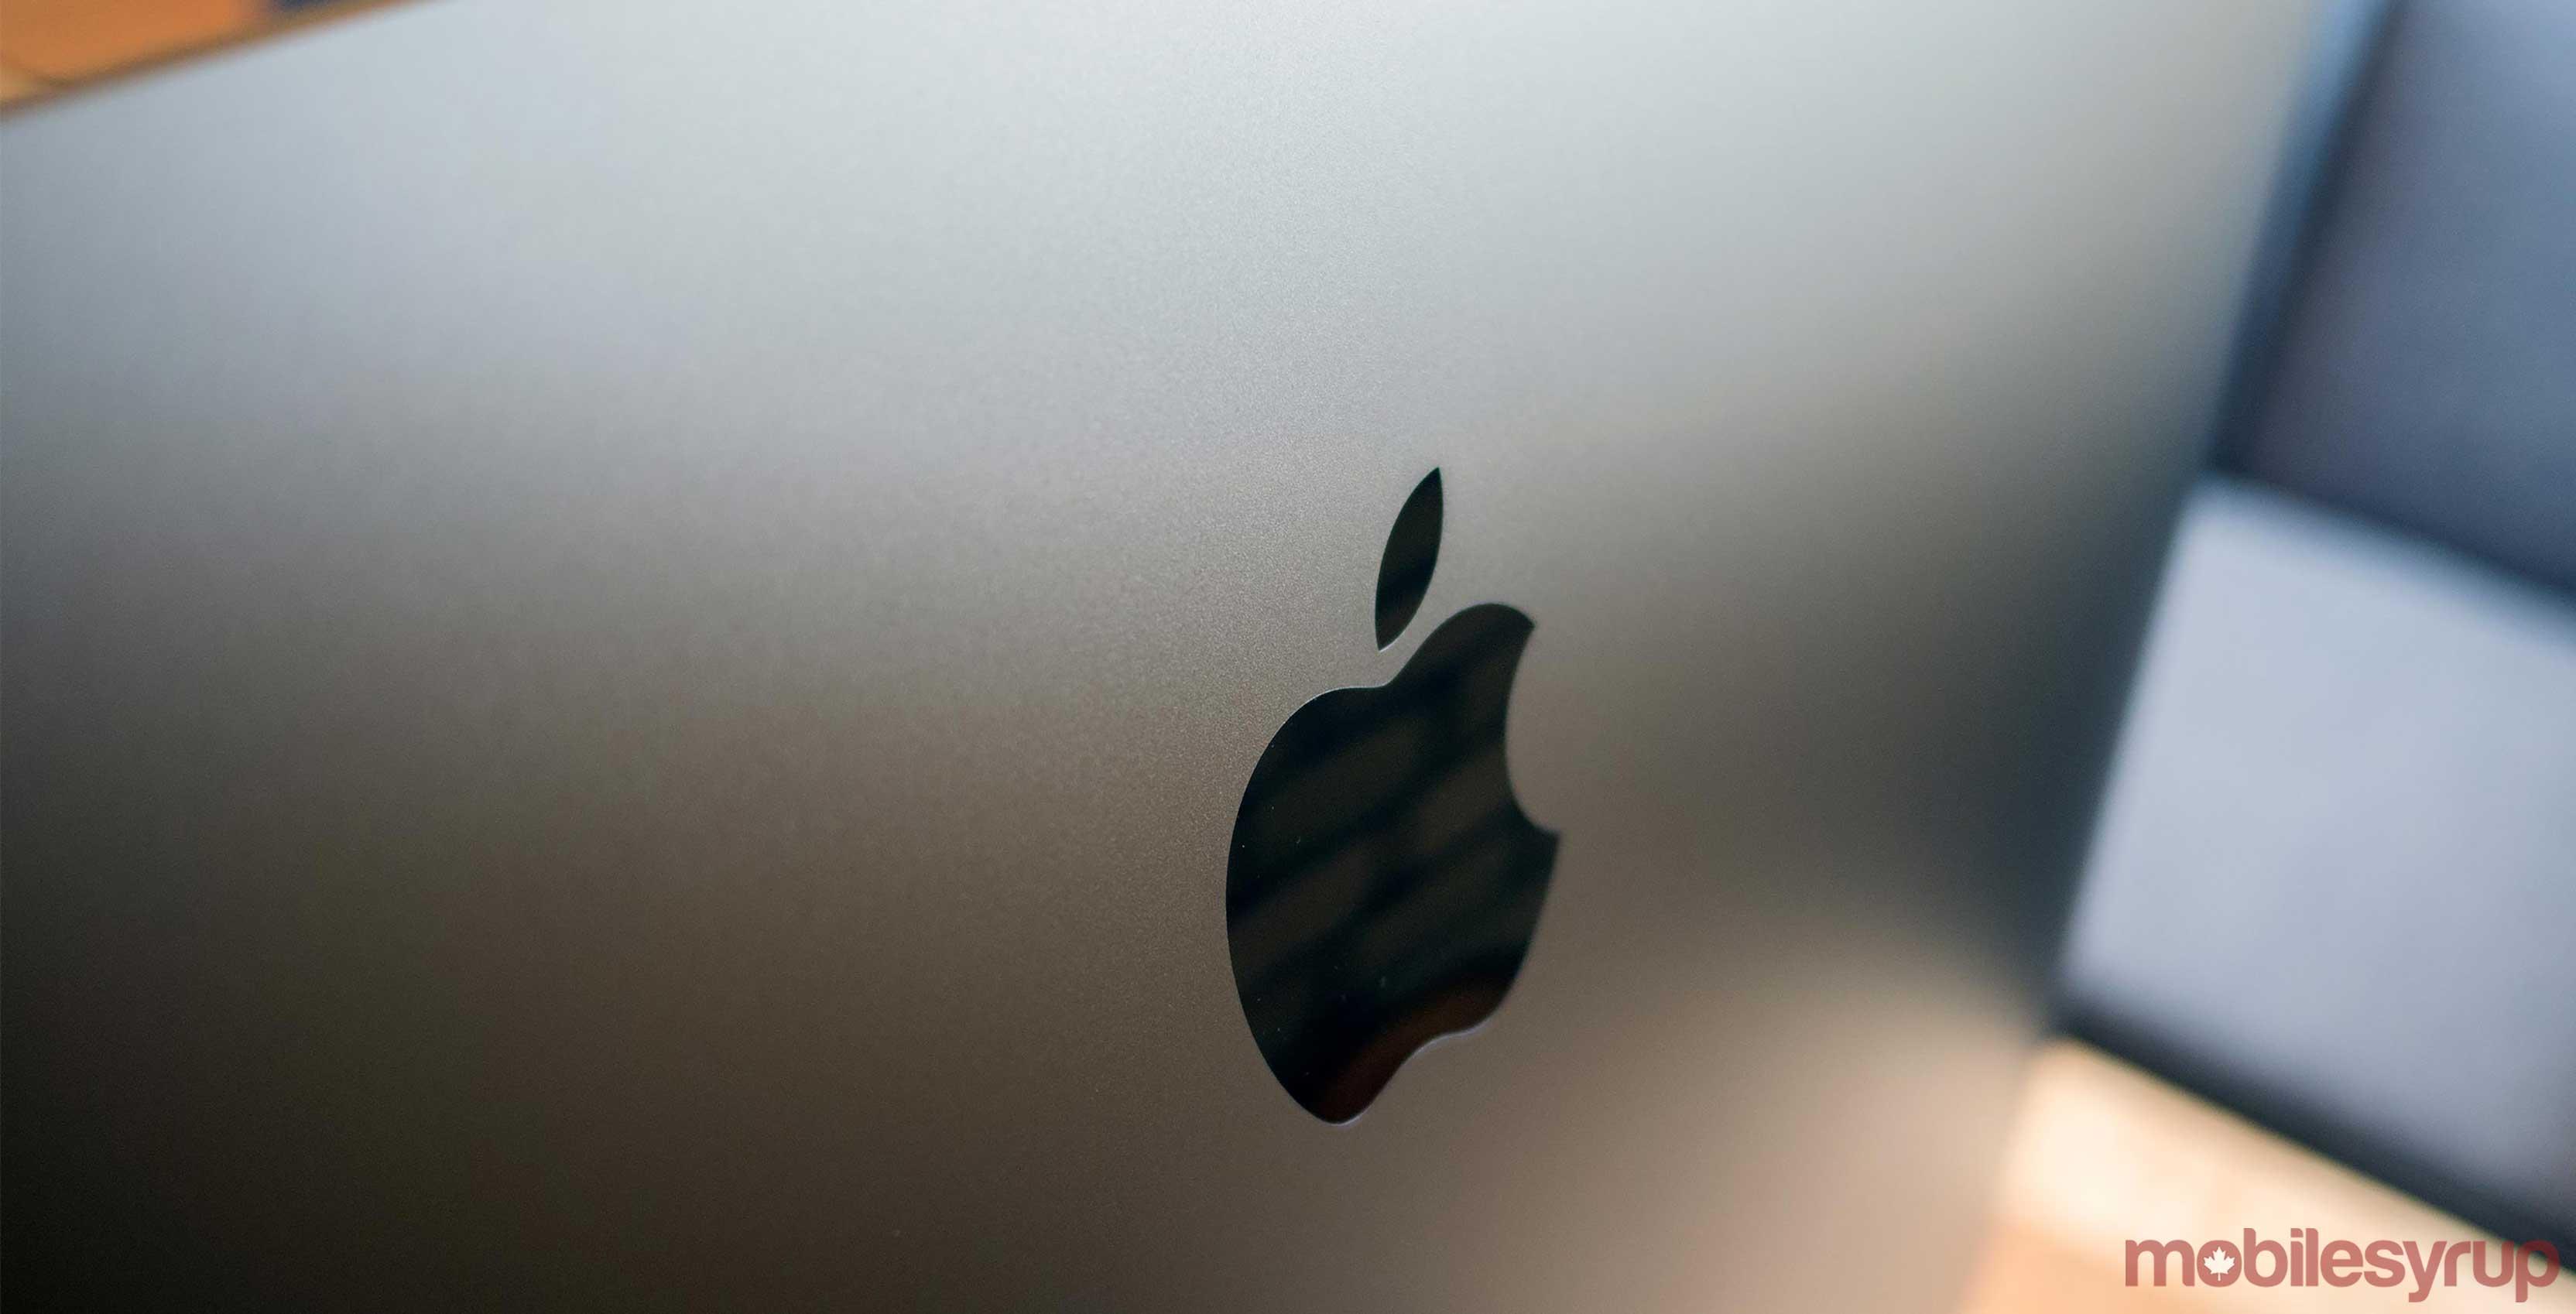 Apple iMac Pro rear